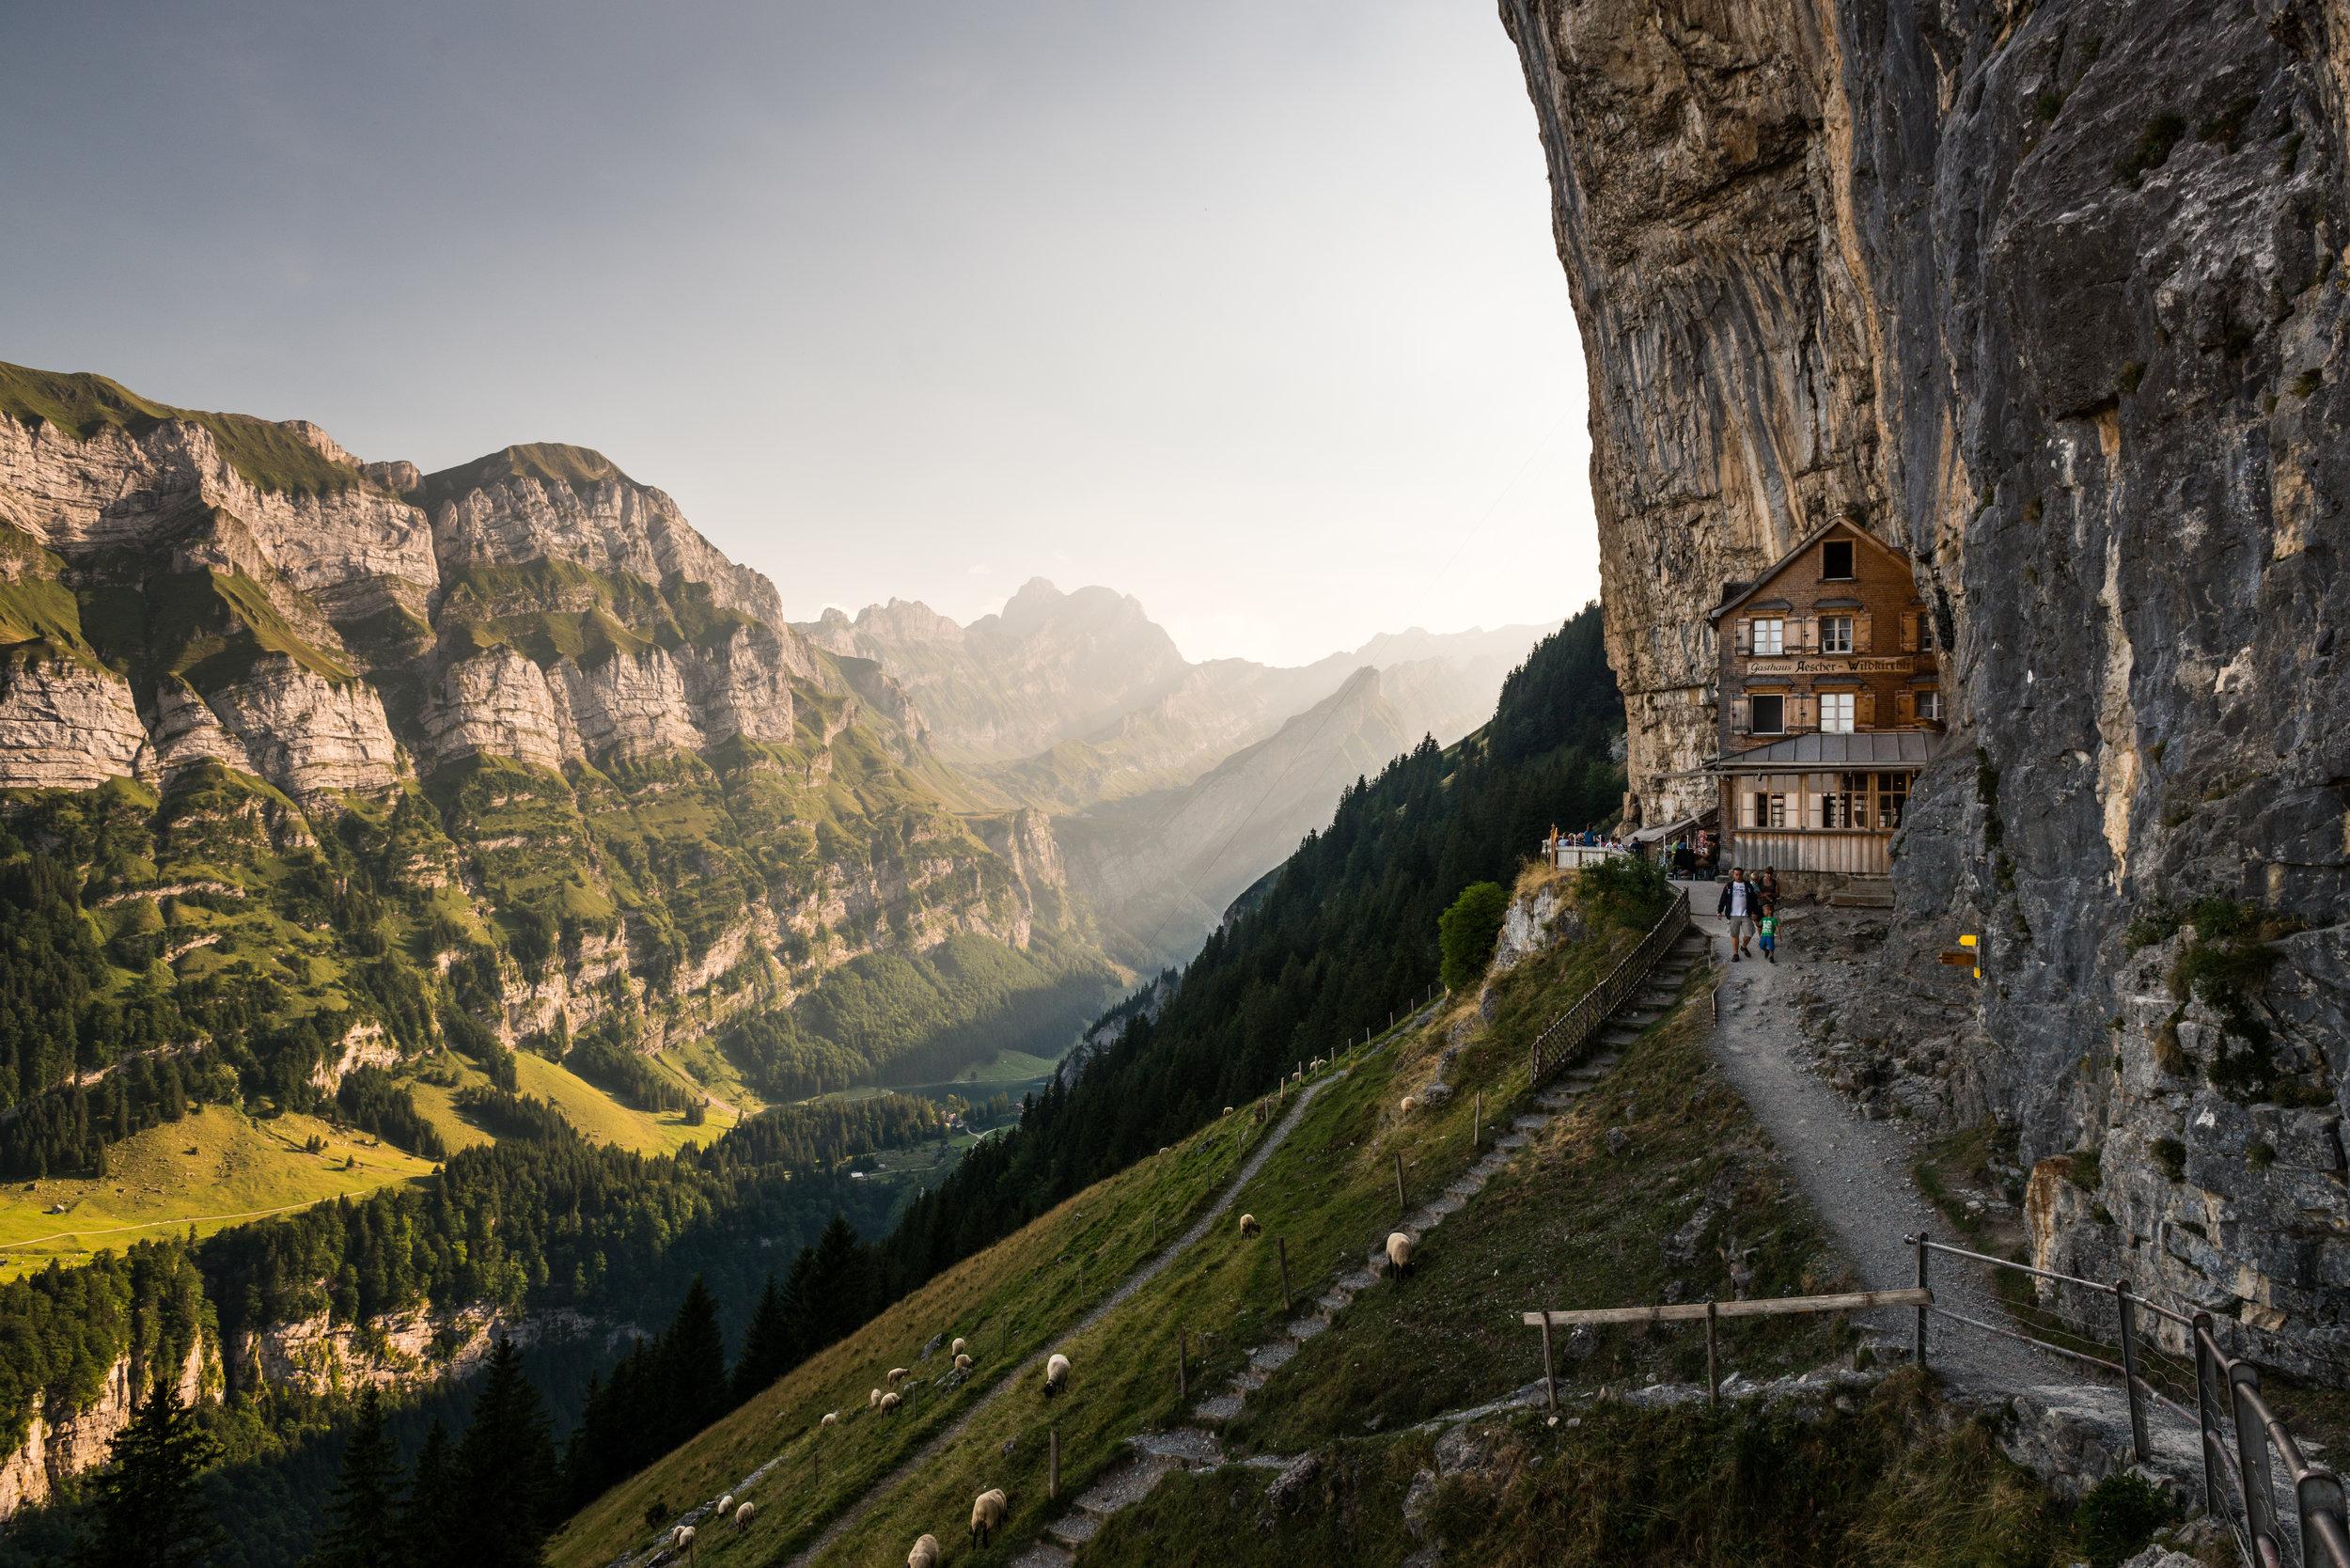 Der wohl schönste Ort der Welt. Quelle: Christian Regg auf Unsplash